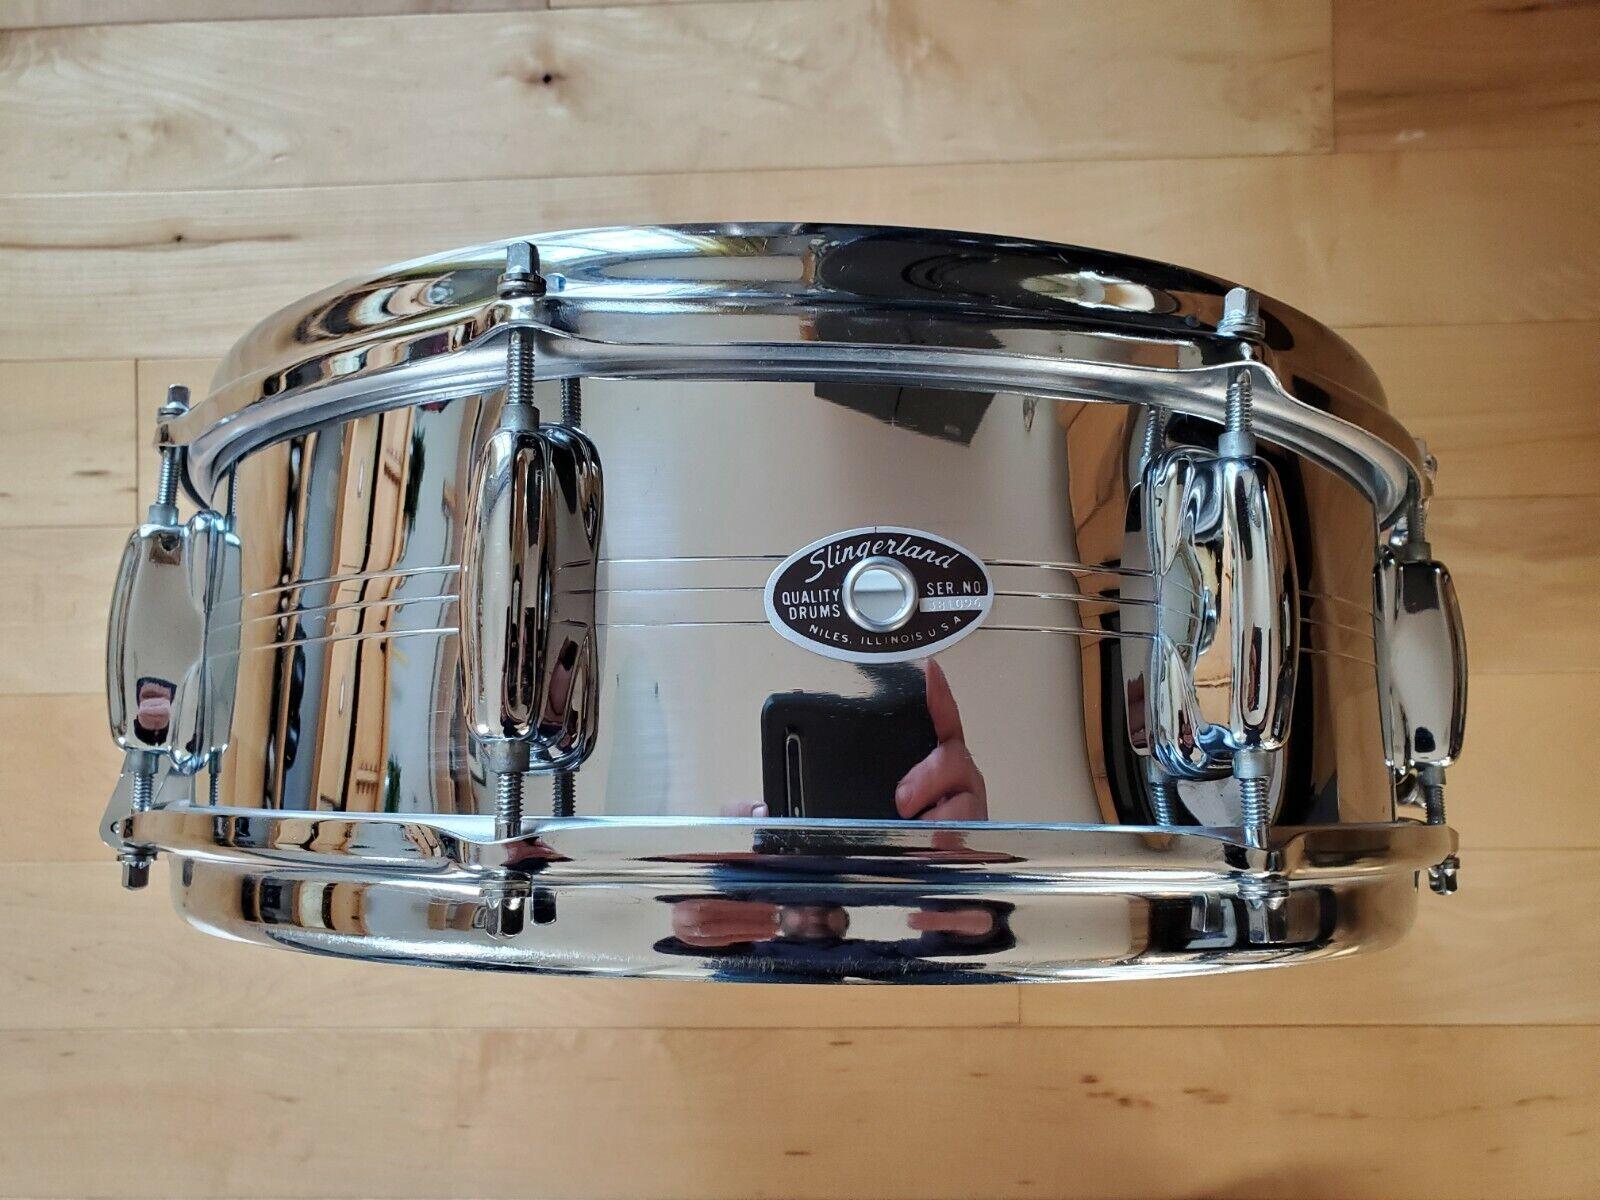 Slingerland Gene Krupa Sound King Model Snare Drum vintage 70's era